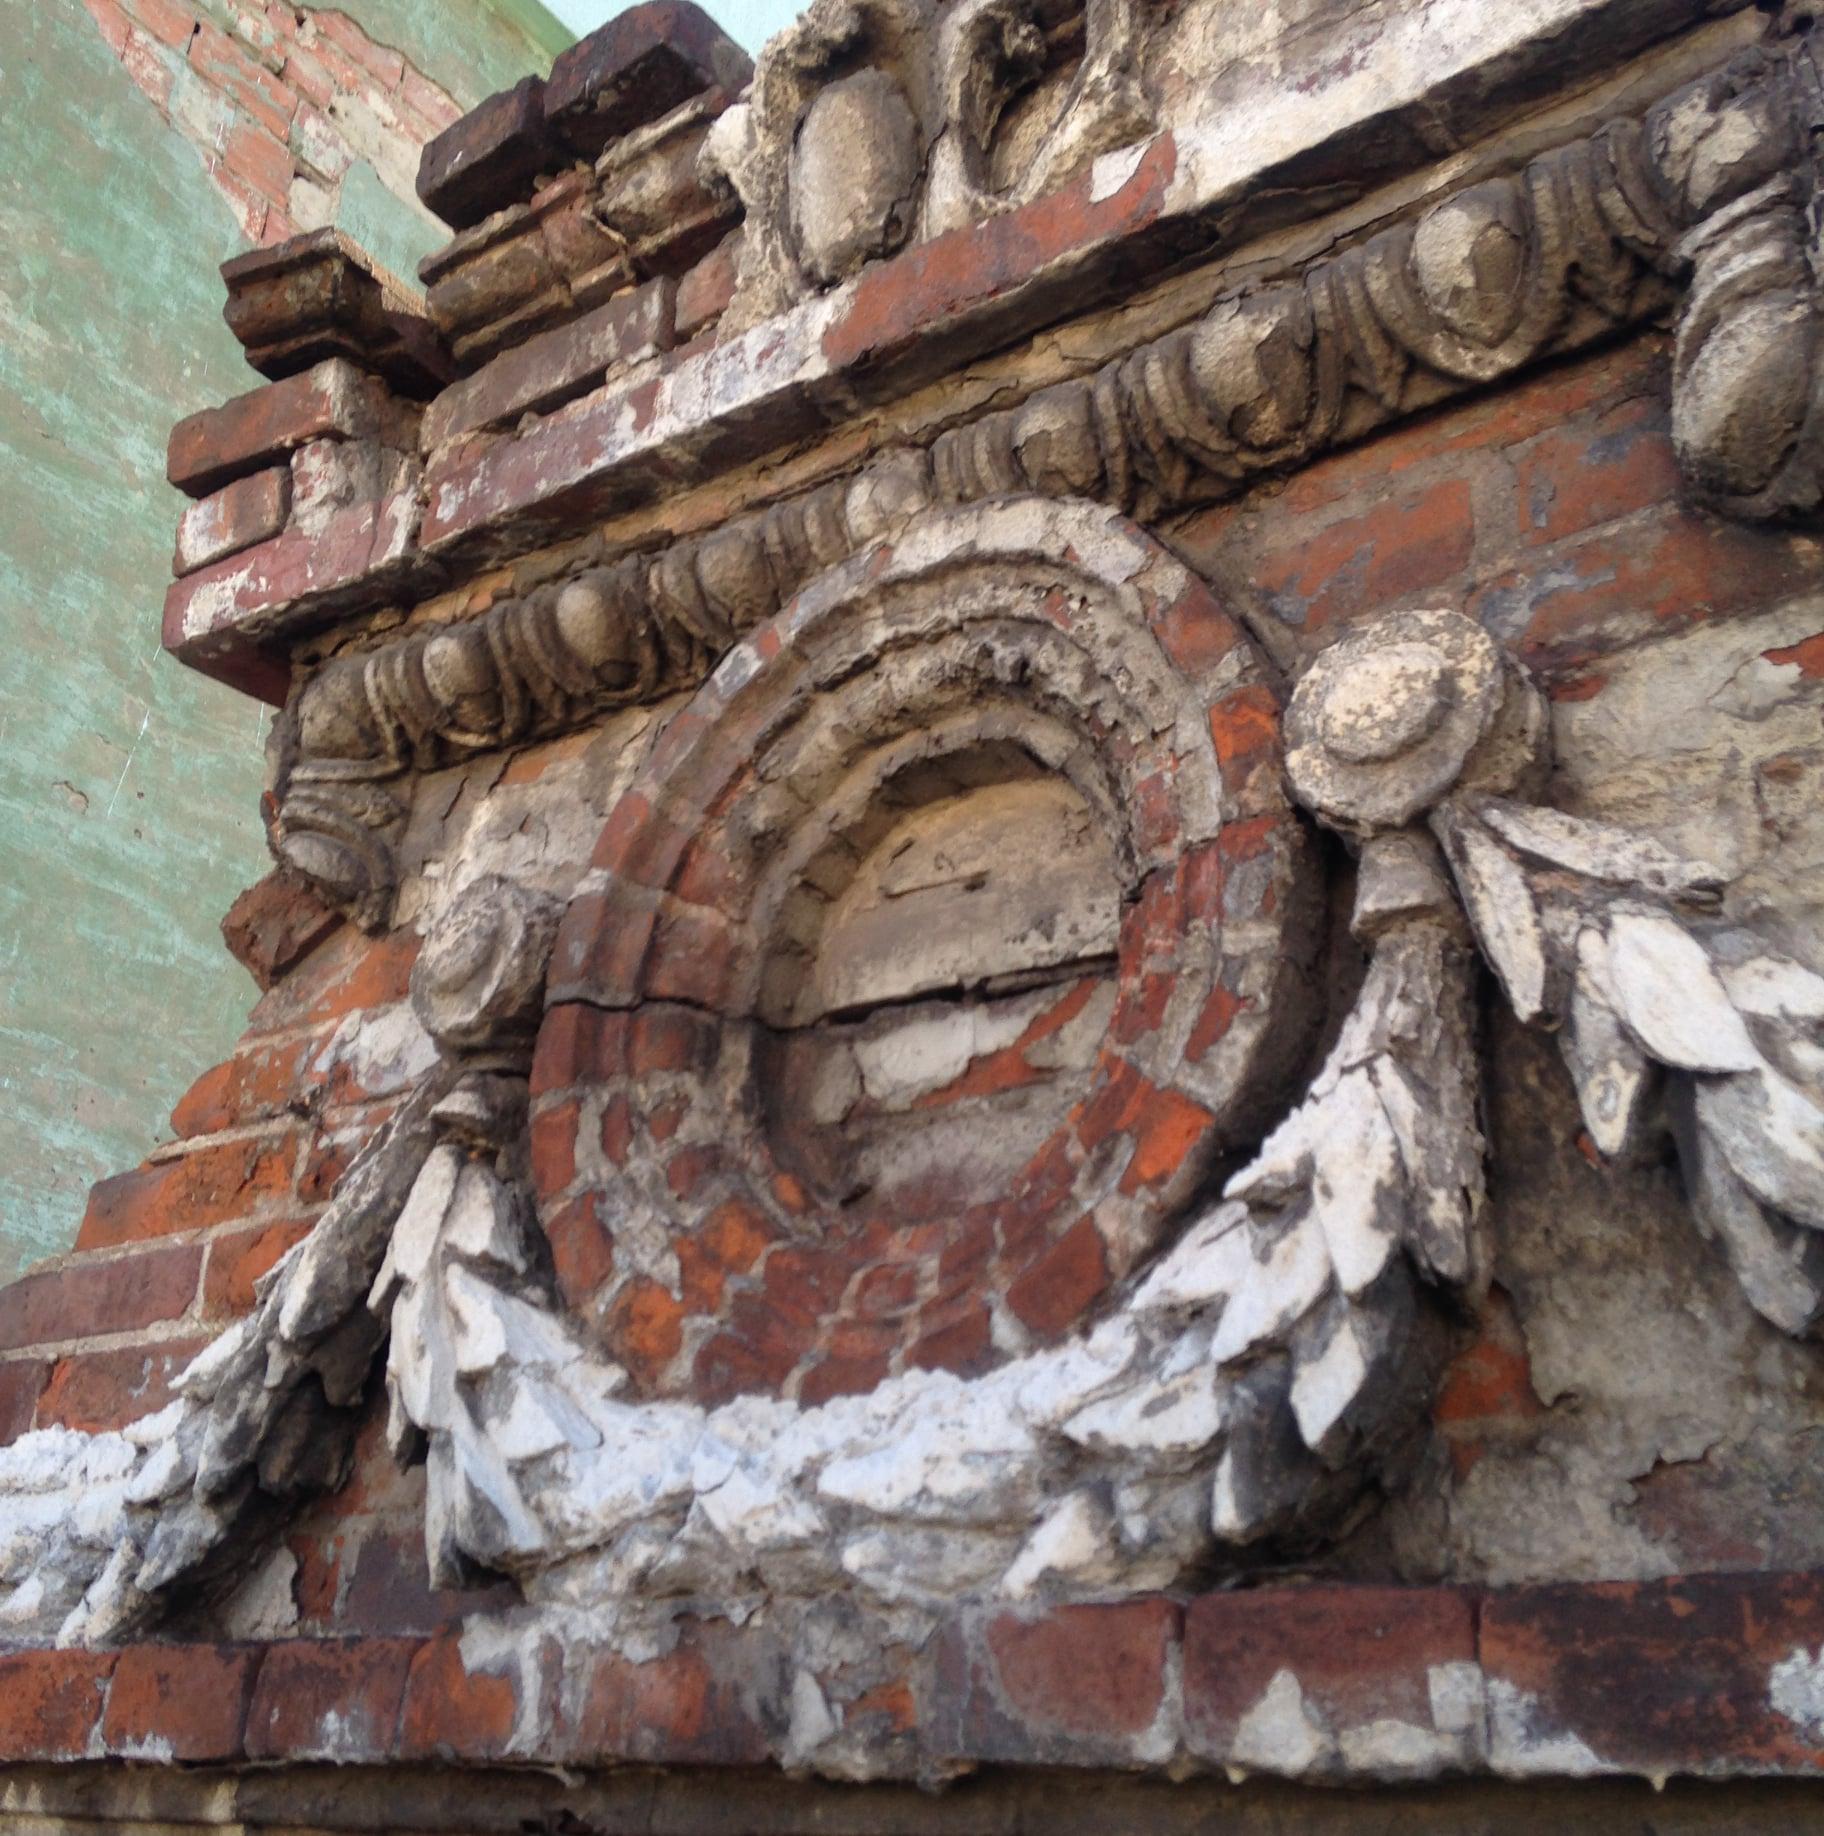 Новости Днепра про Дом купца Евсея Липавского: в Днепре начали реставрацию